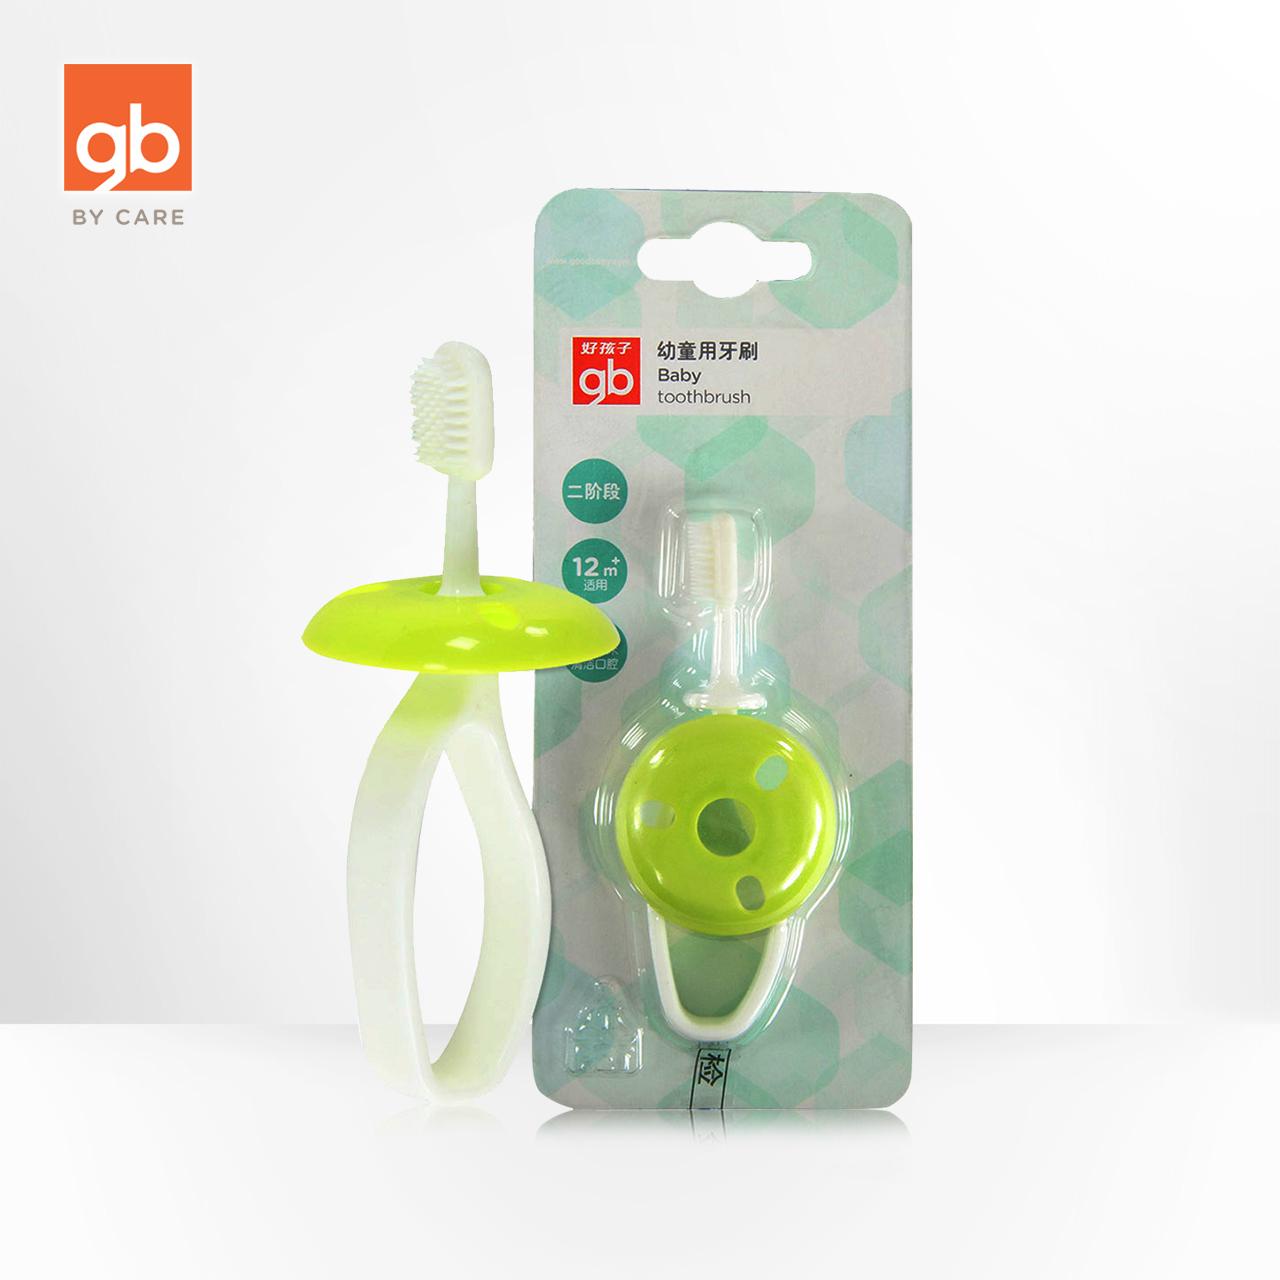 好孩子寶寶牙刷幼童用牙刷訓練牙刷口腔清潔 12個月寶寶 zeta